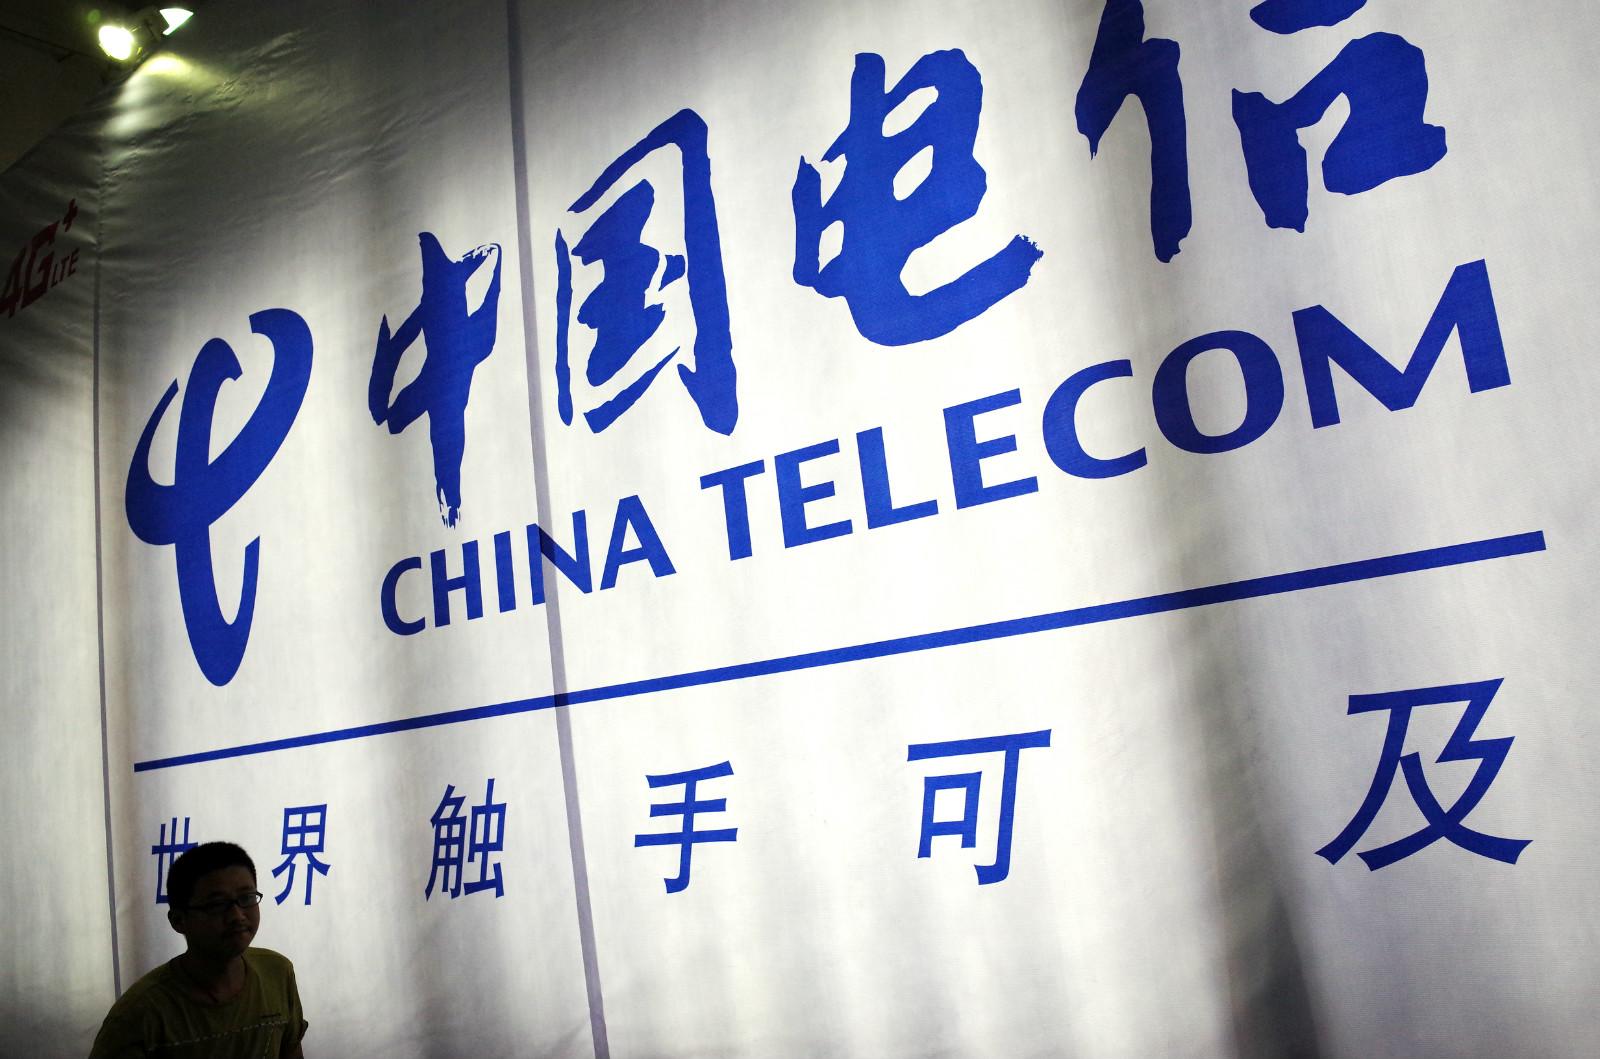 中国电信完成新一轮组织架构调整  最大的亮点是